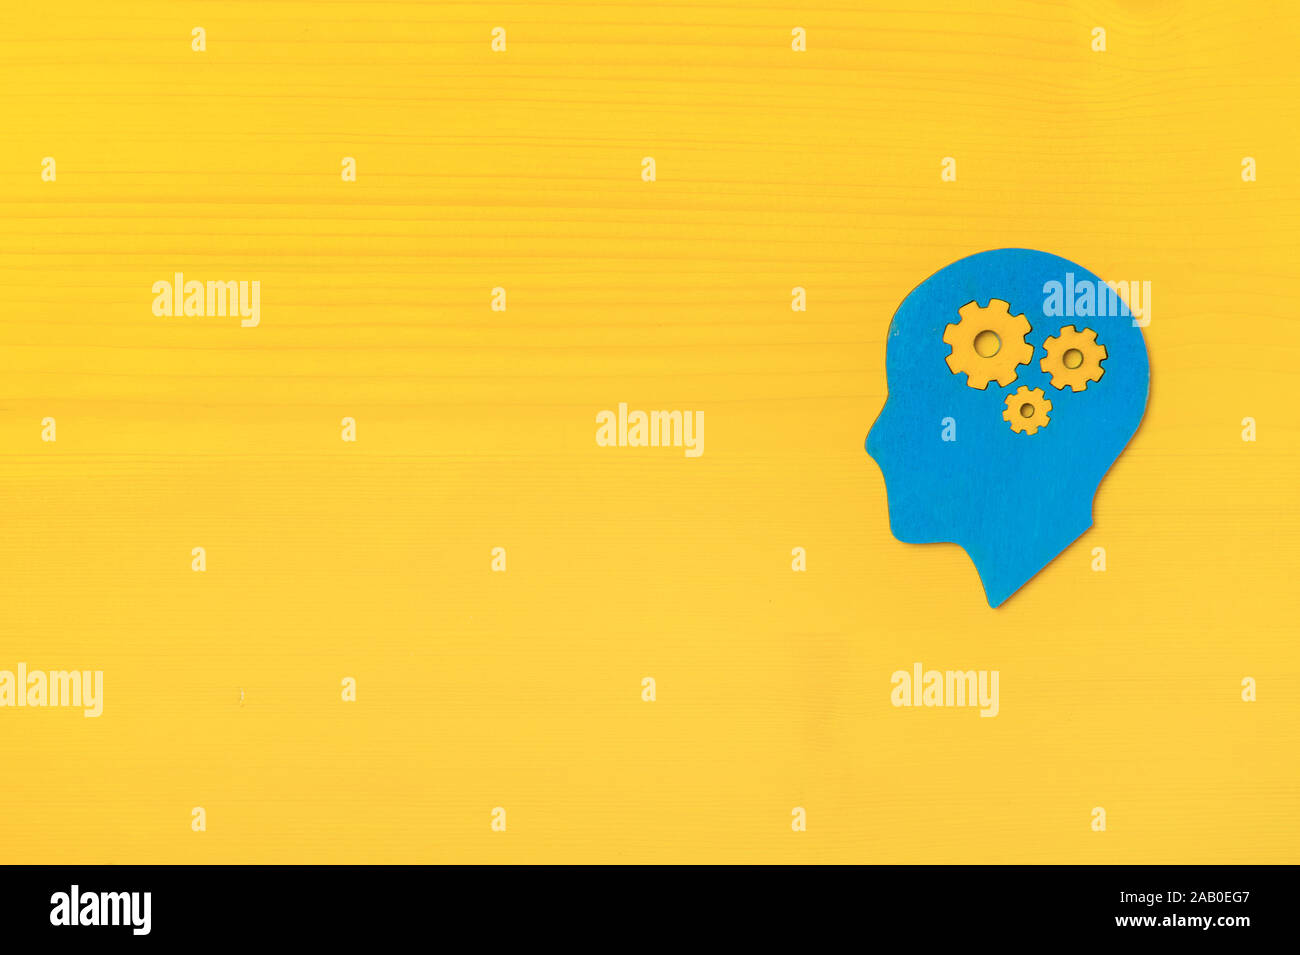 Cerebro trabaja de concepto. Las ideas, la creatividad concepto de la cabeza humana con engranajes sobre fondo amarillo Foto de stock